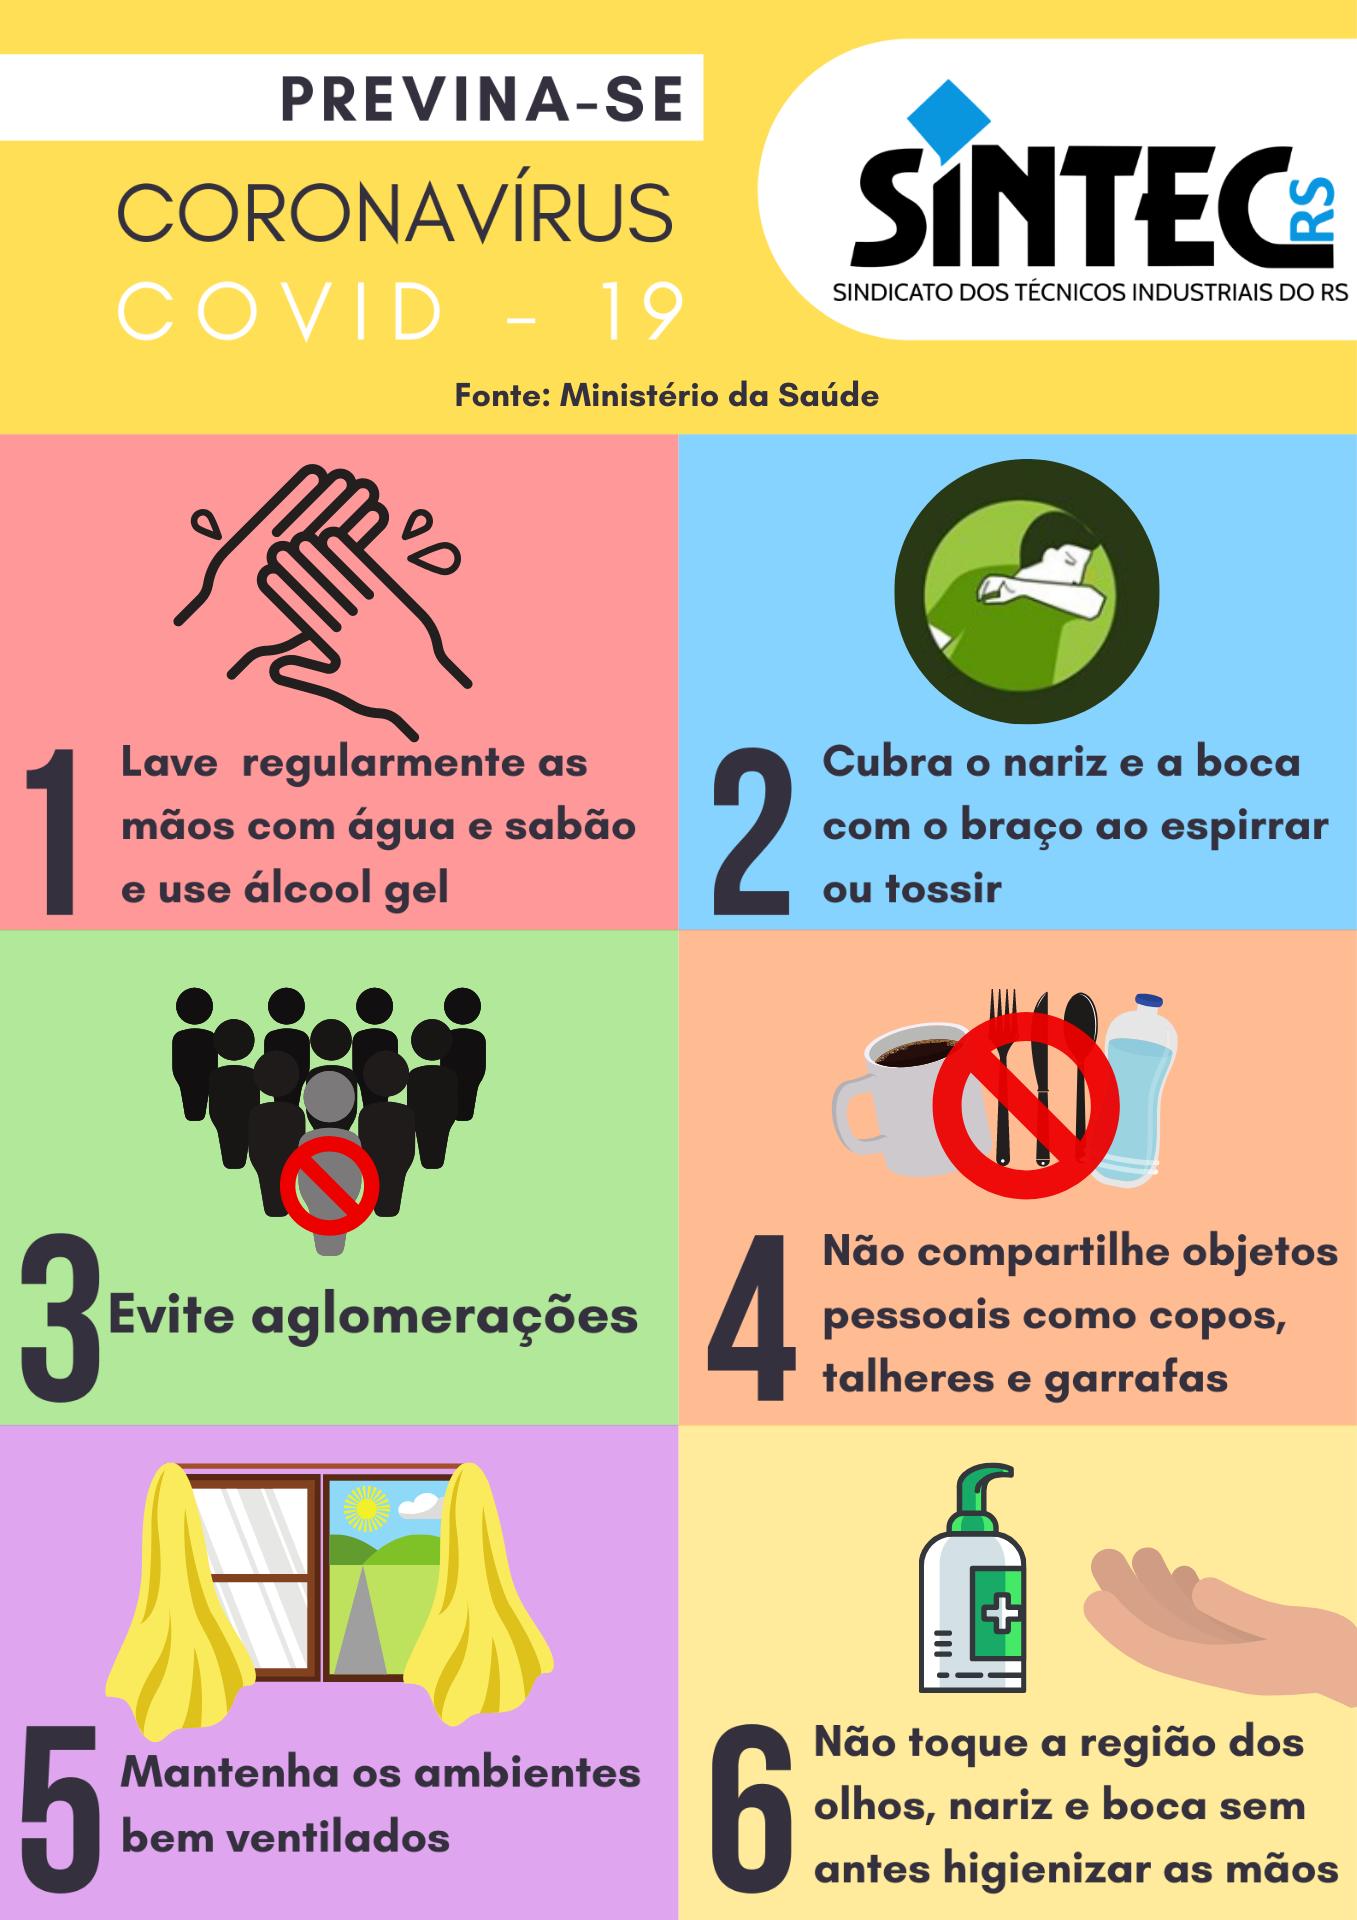 Coronavírus: Previna-se